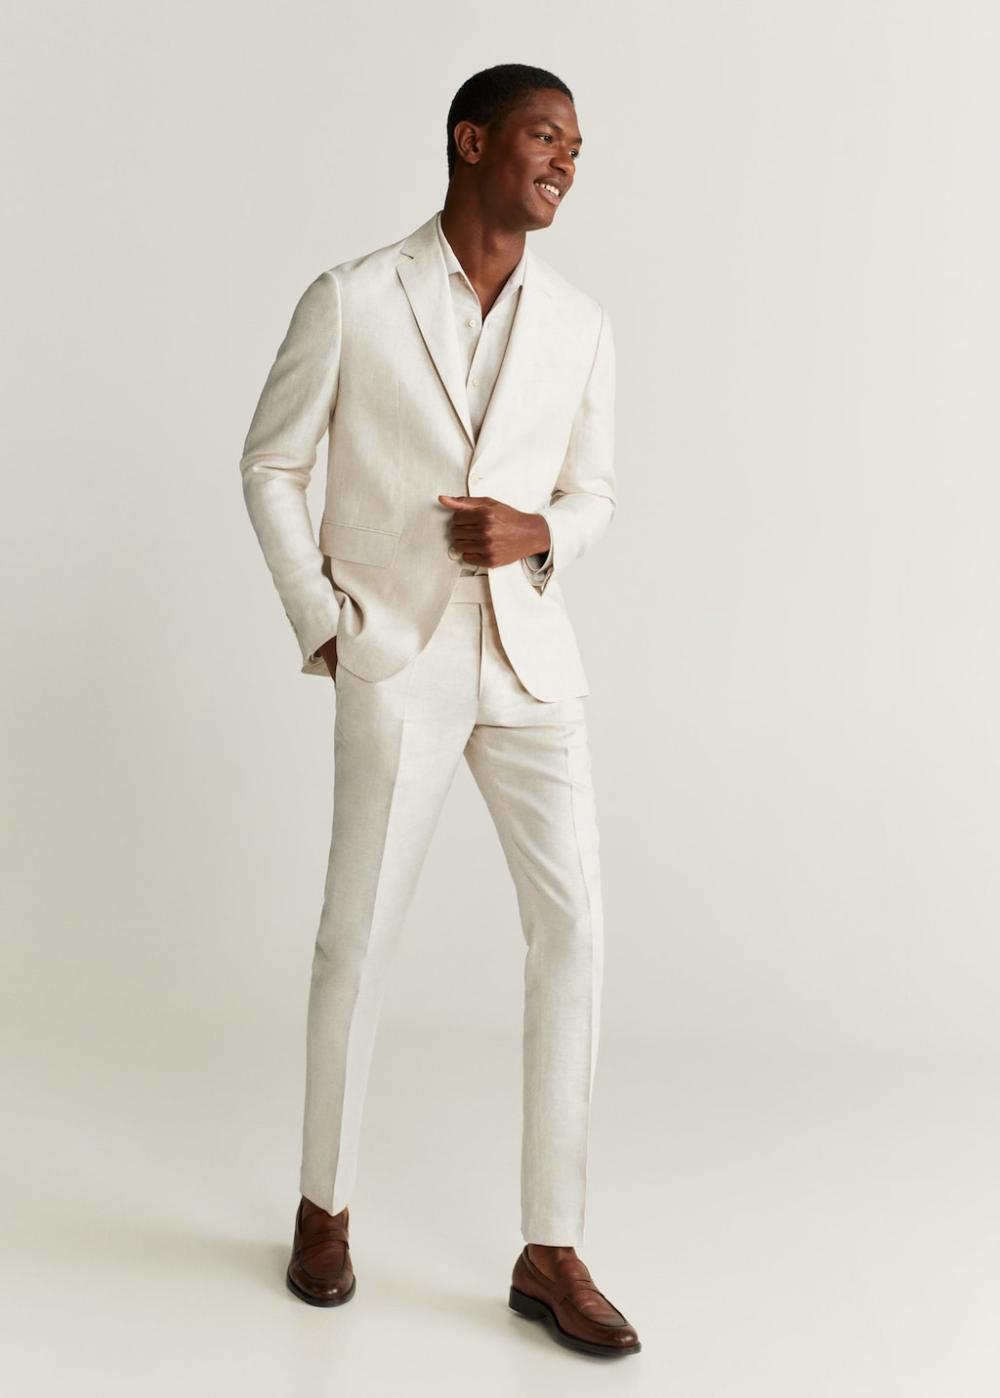 Slim Fit Linen Suit Trousers Man Mango Man India In 2021 Mens White Linen Suit Linen Suit Linen Suits For Men [ 1398 x 1000 Pixel ]